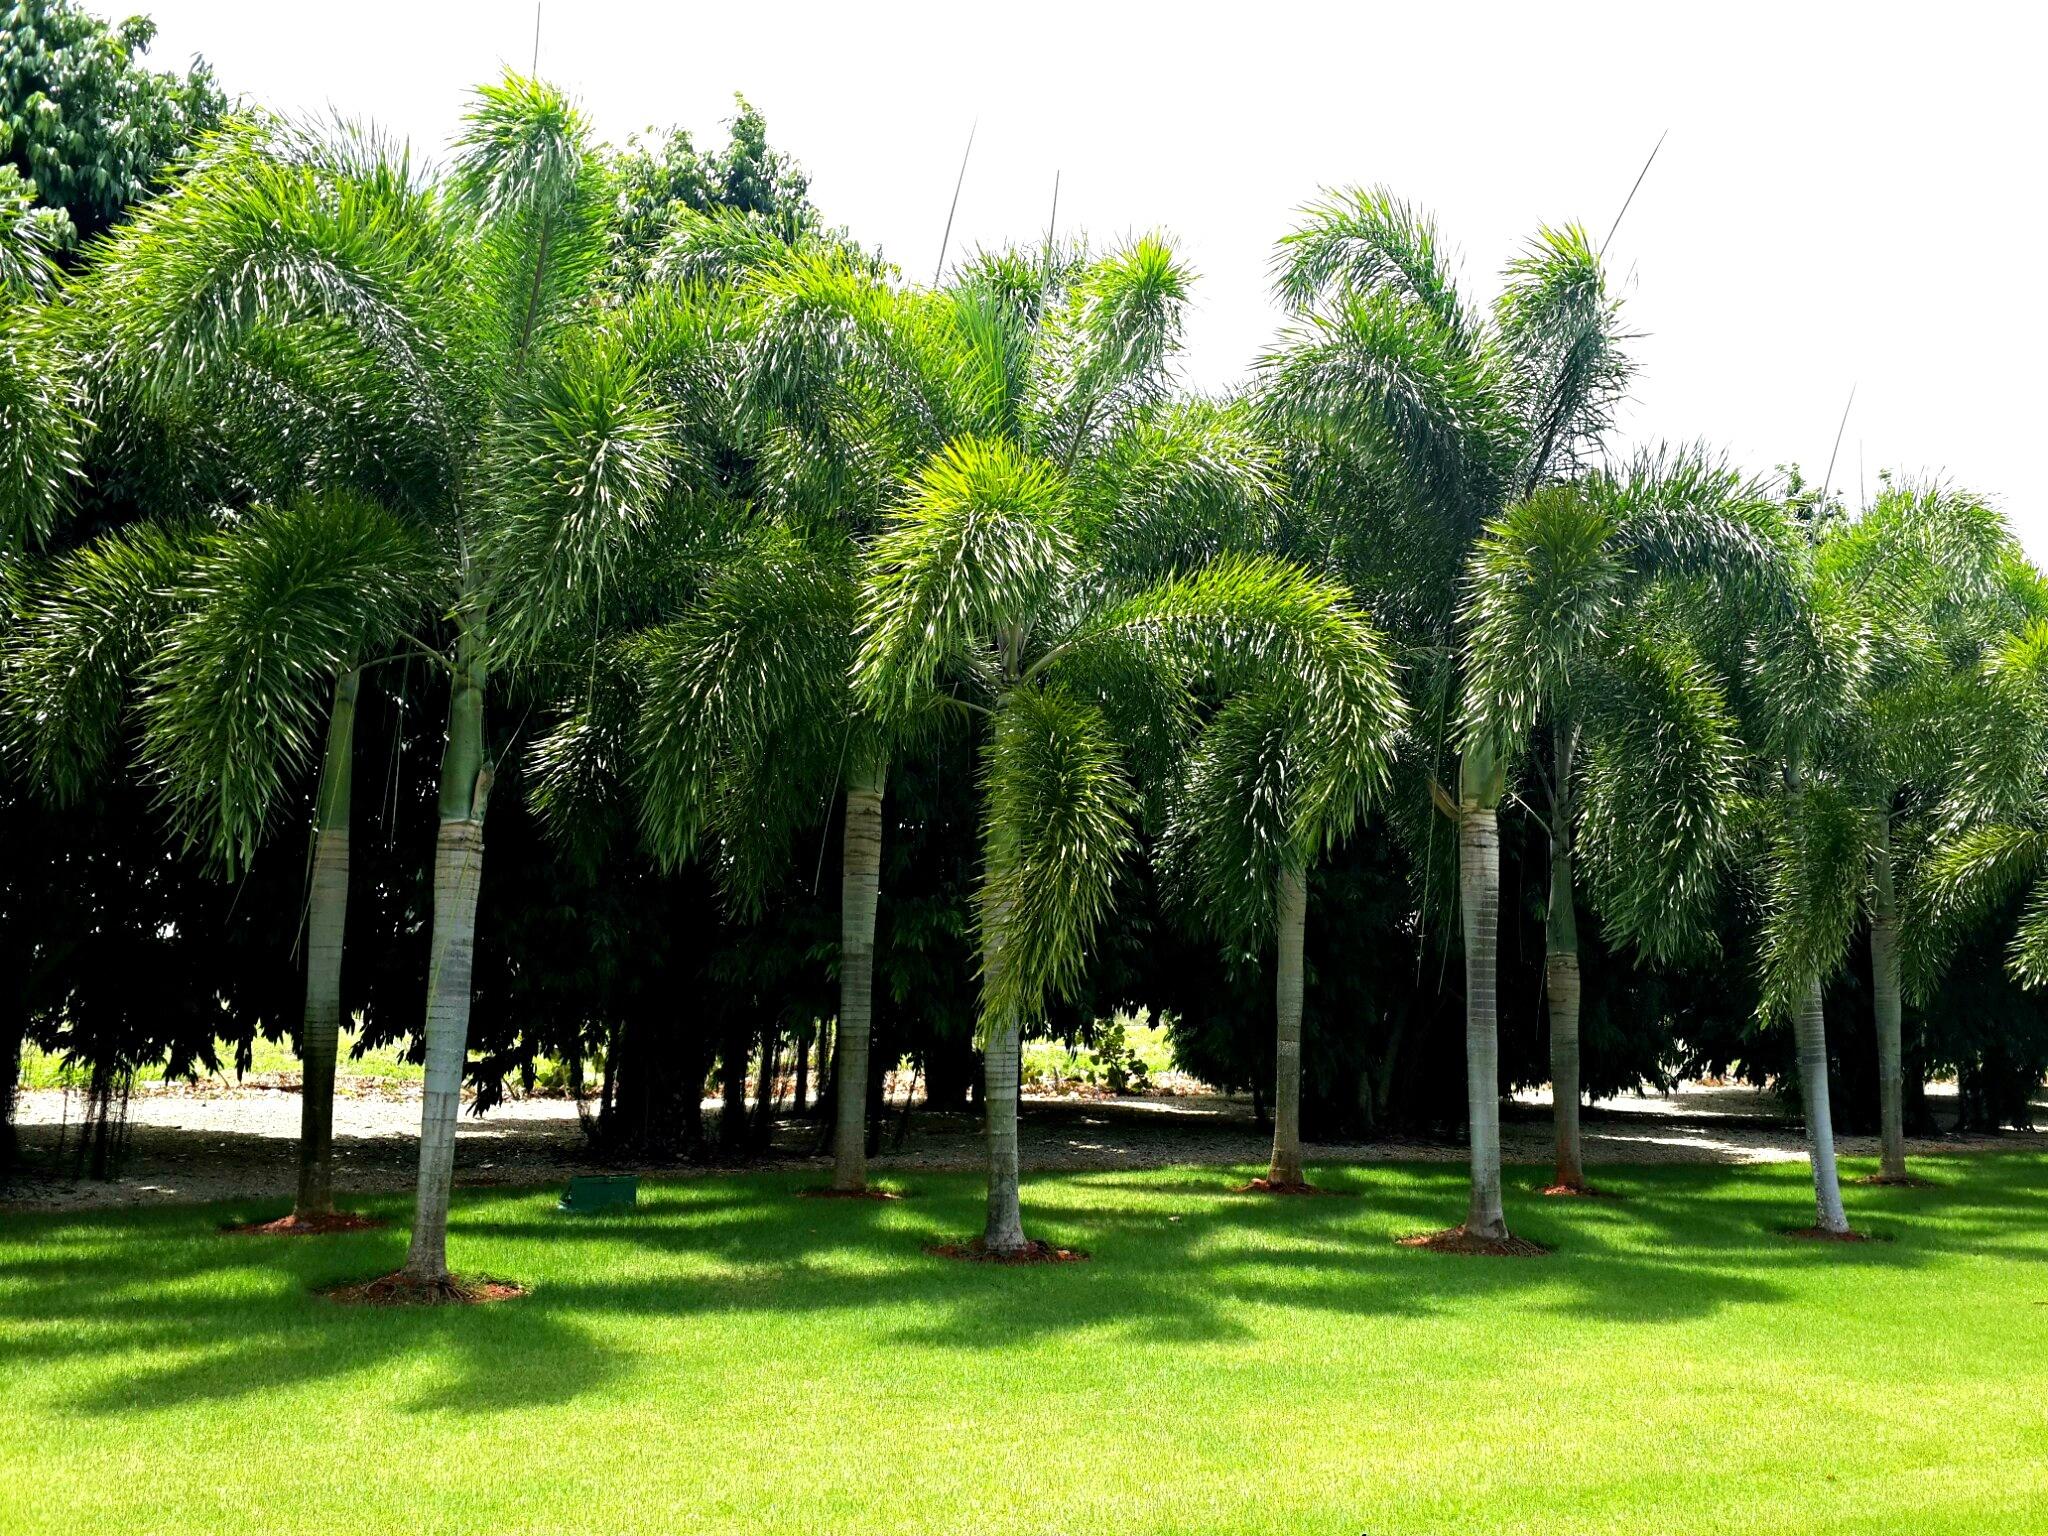 Fotos gratis rbol c sped planta parque bot nica for Arboles jardin botanico